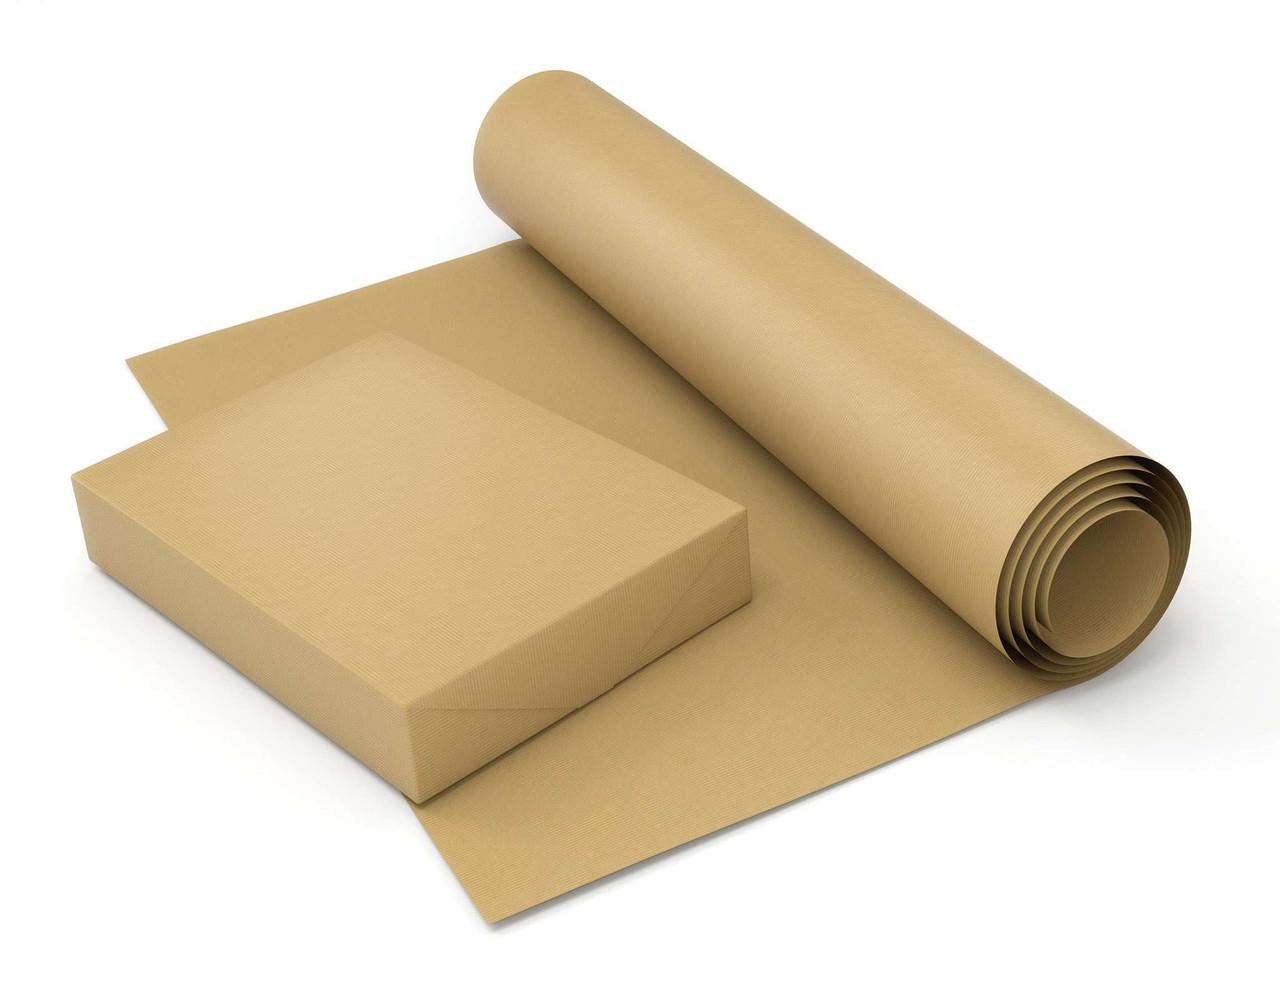 Упаковочная бумага фирмы Энтерпром